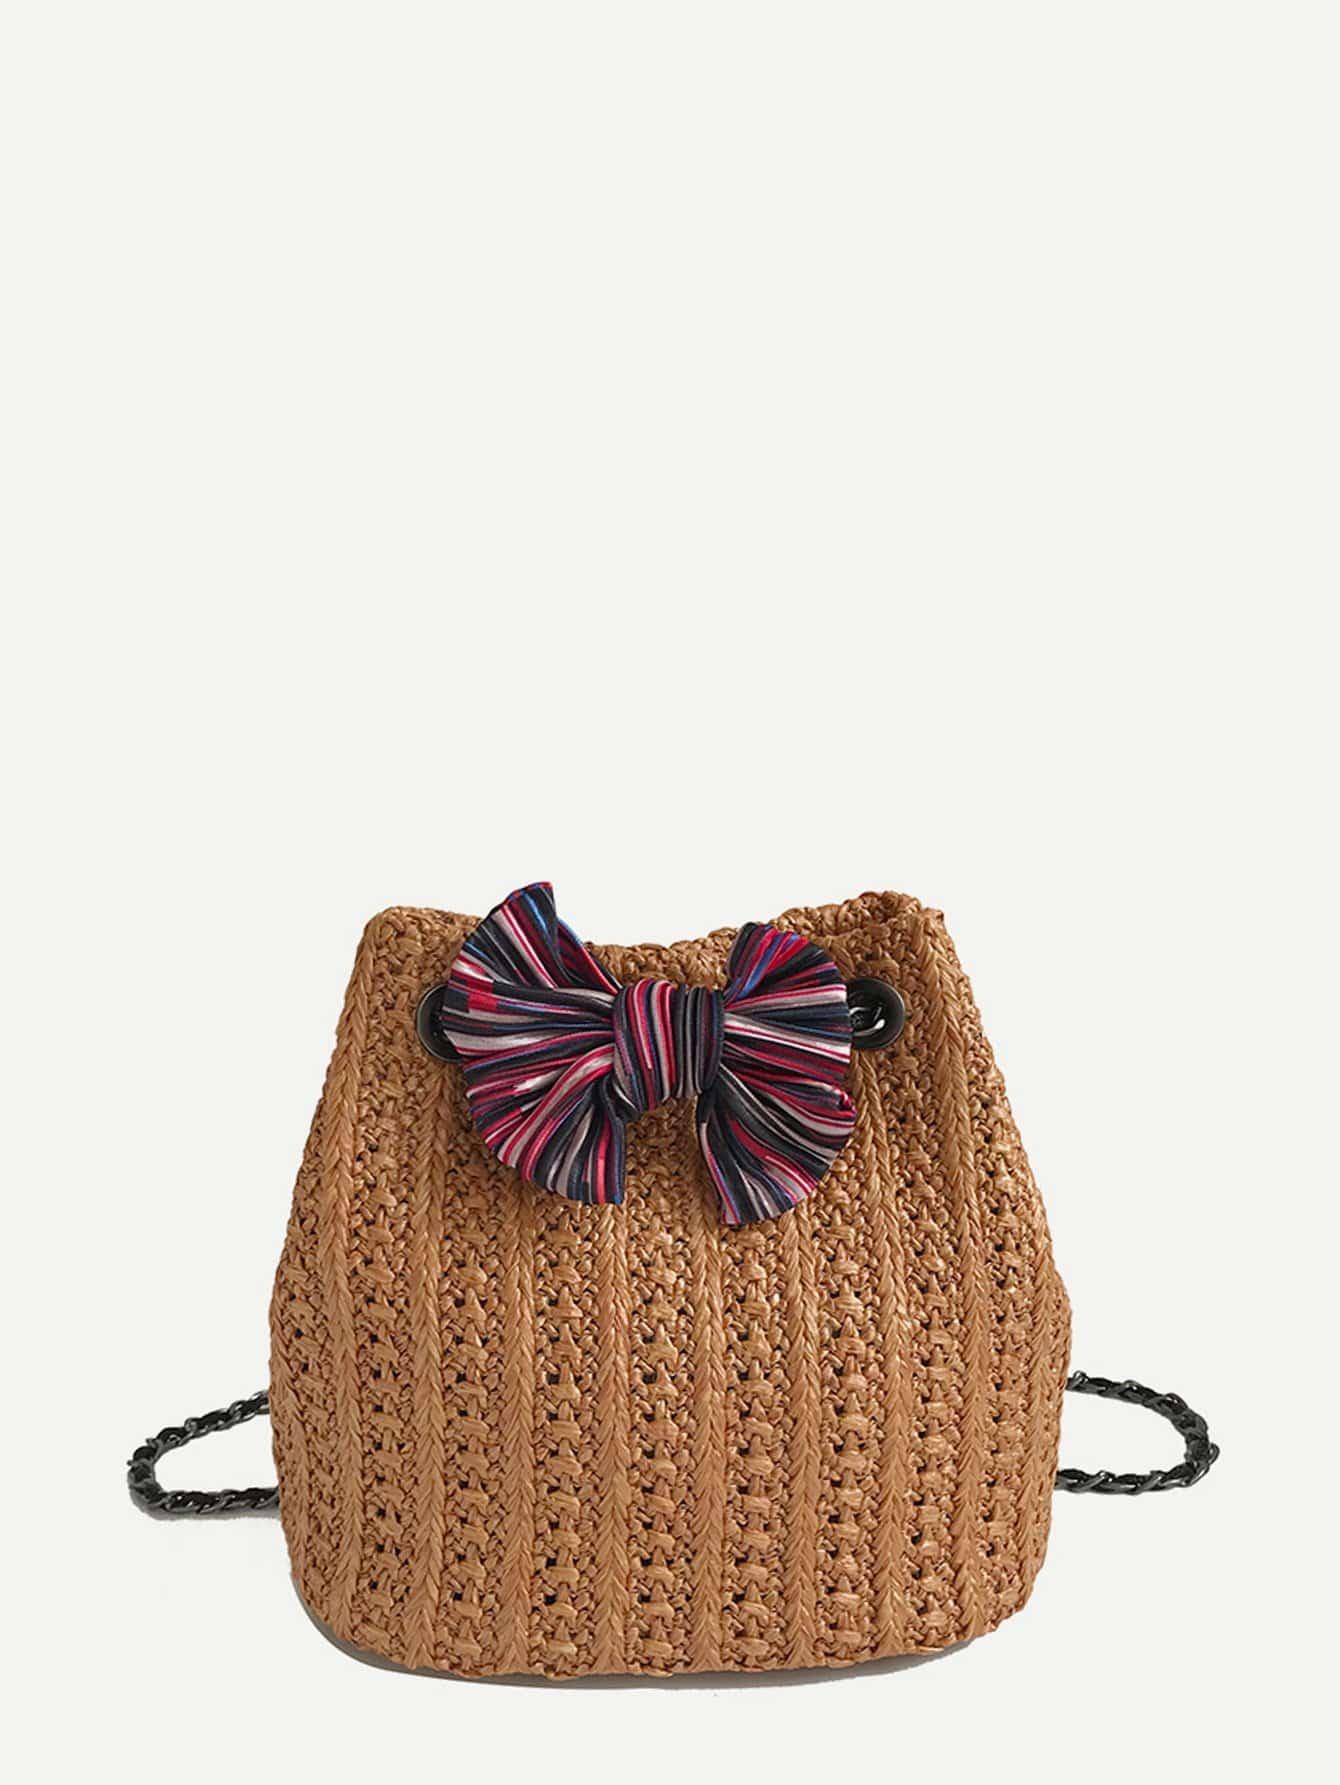 Купить Повседневный Одноцветный лук коричный Посланник сумки, null, SheIn